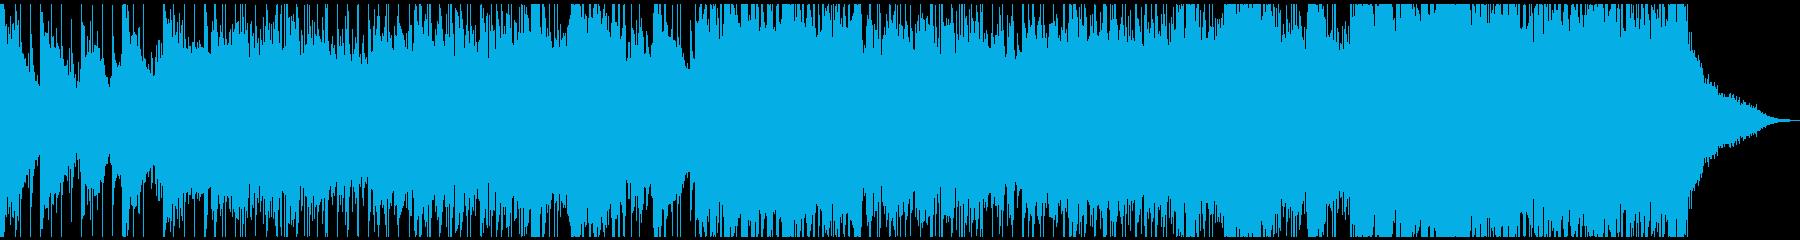 ★生演奏★アンビエント系ポップロックの再生済みの波形